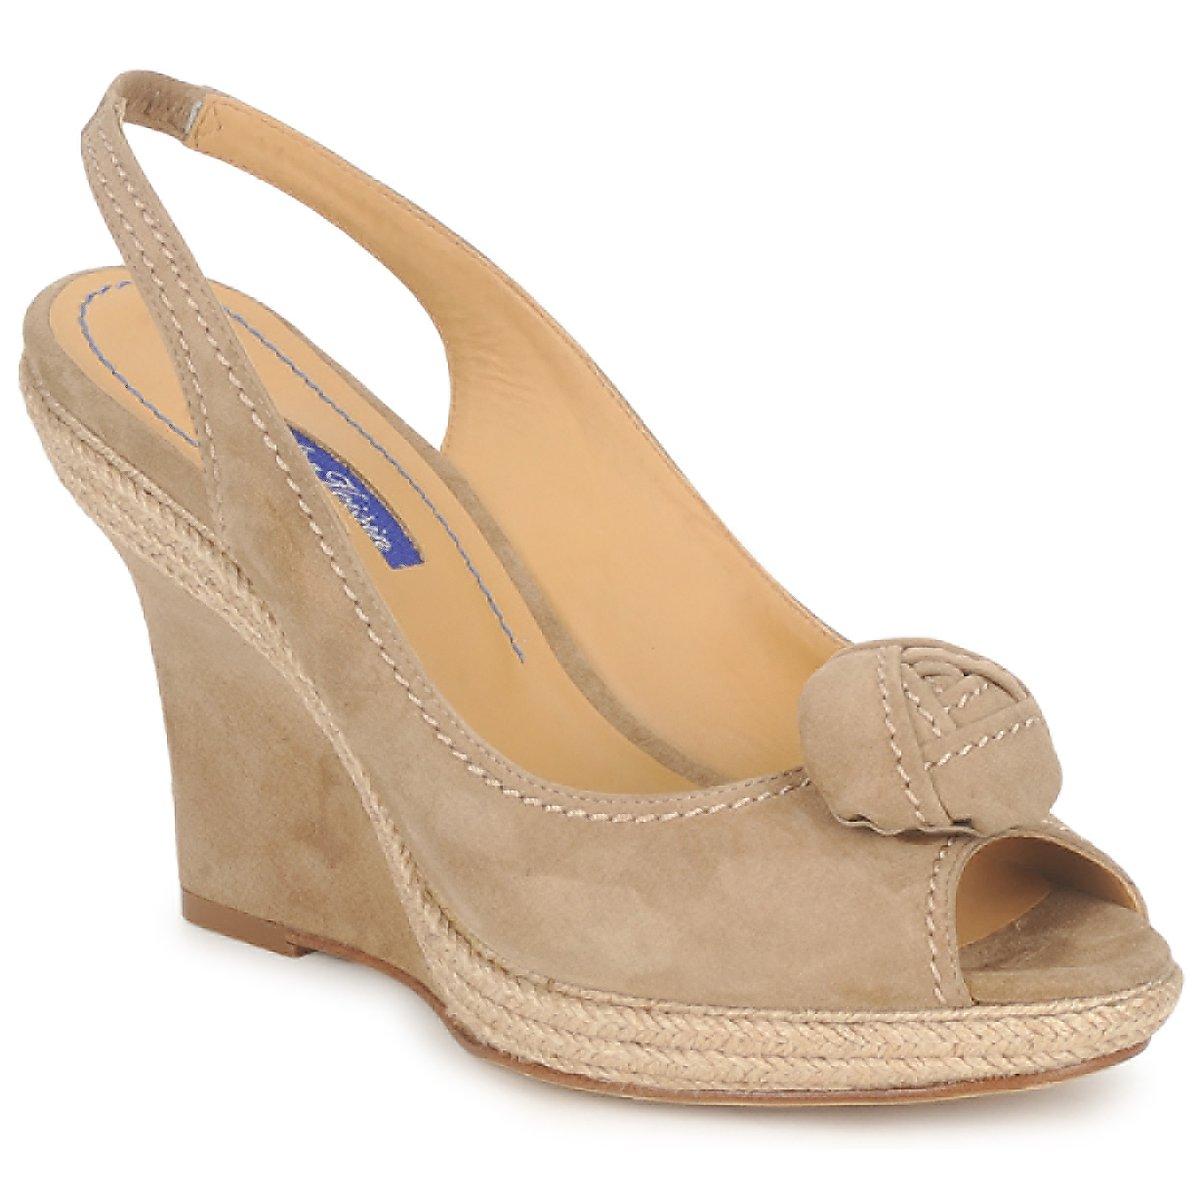 Atelier Voisin ALIX Maulwurf - Kostenloser Versand bei Spartoode ! - Schuhe Sandalen / Sandaletten Damen 155,40 €